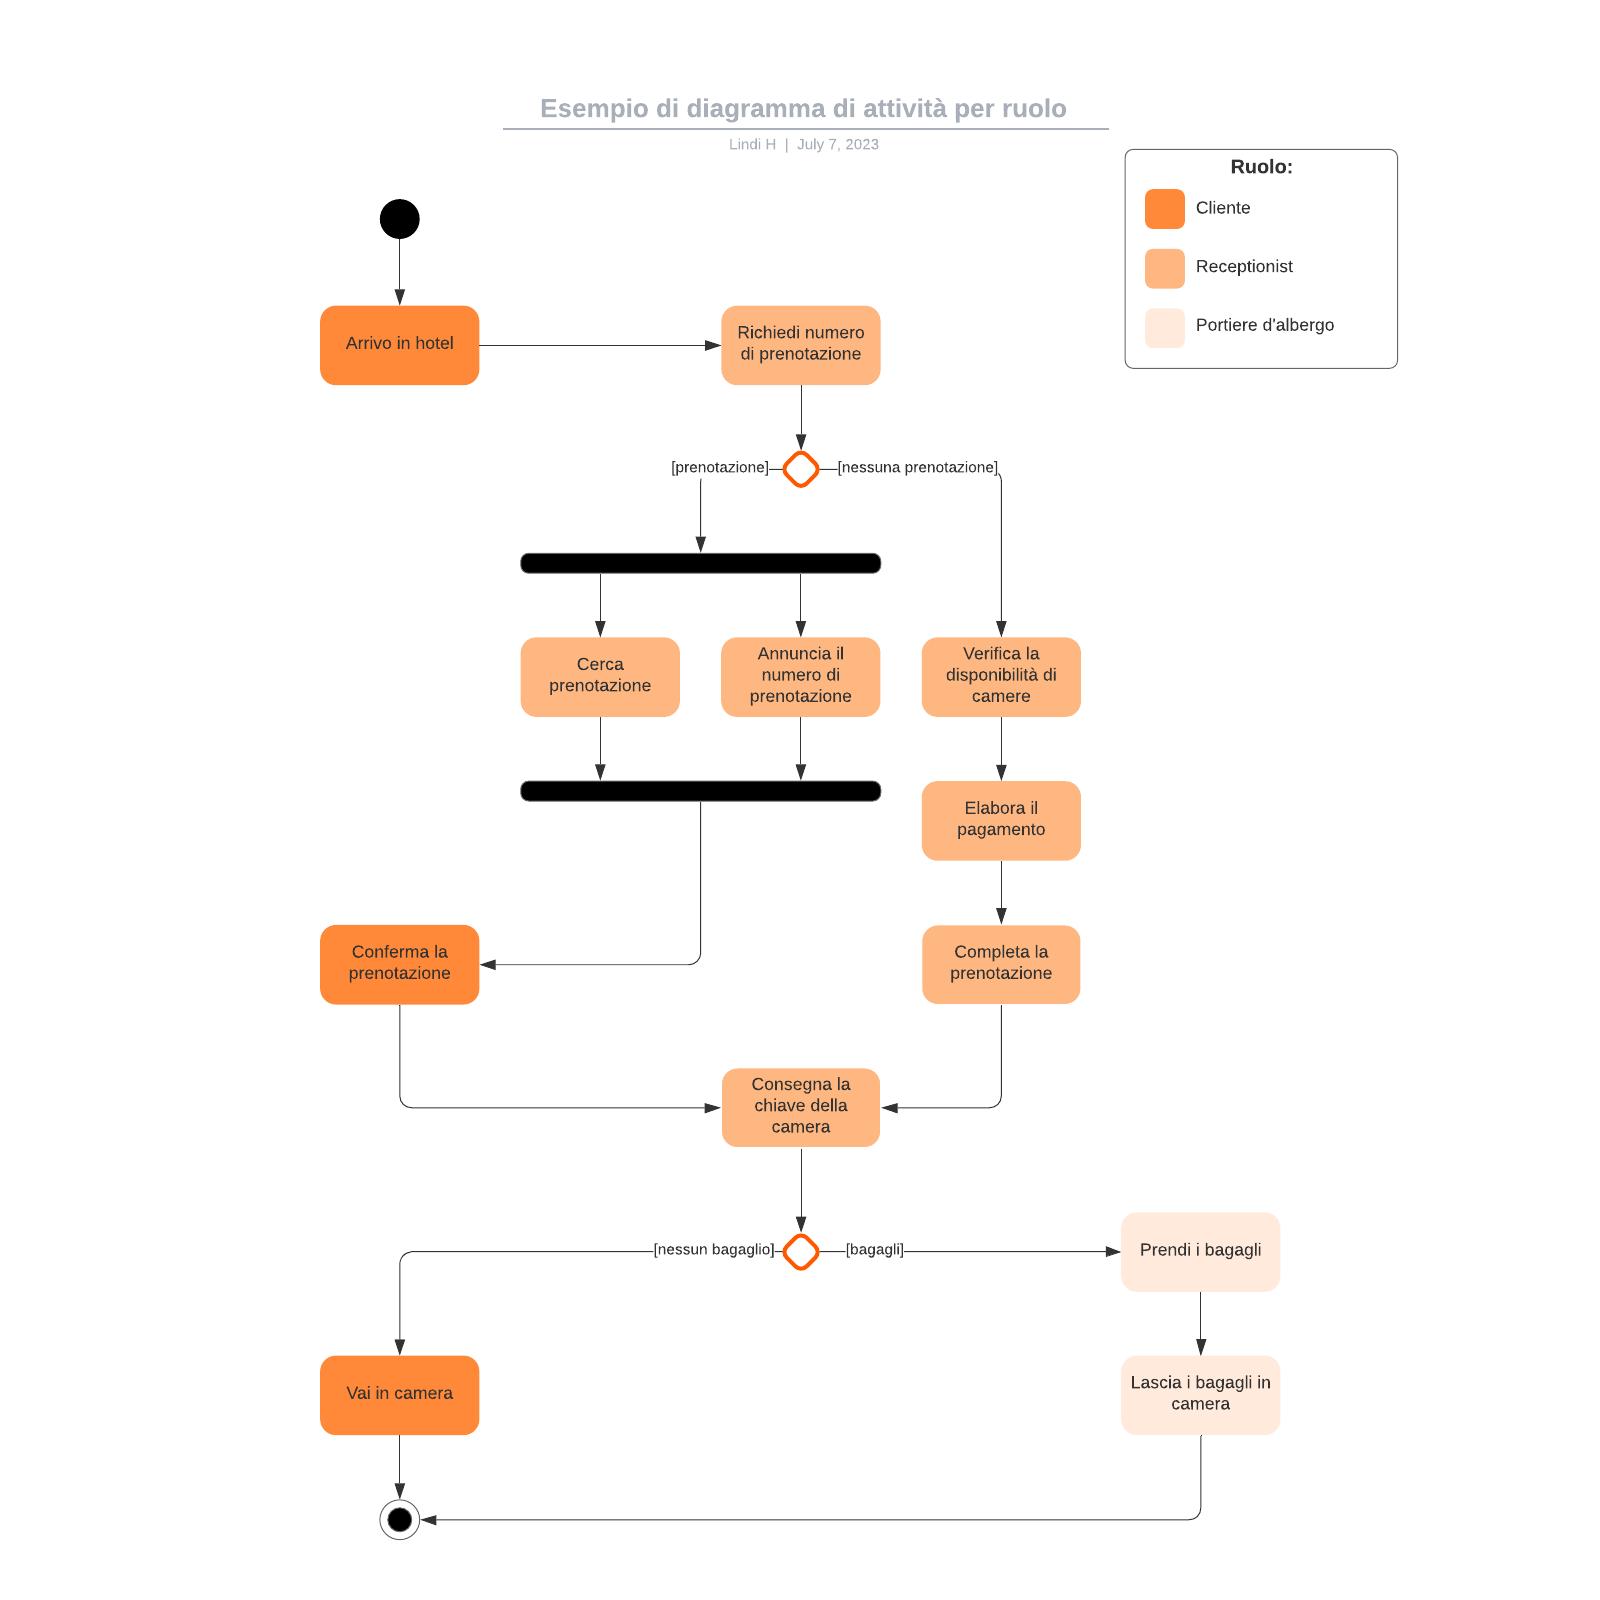 Esempio di diagramma di attività per ruolo